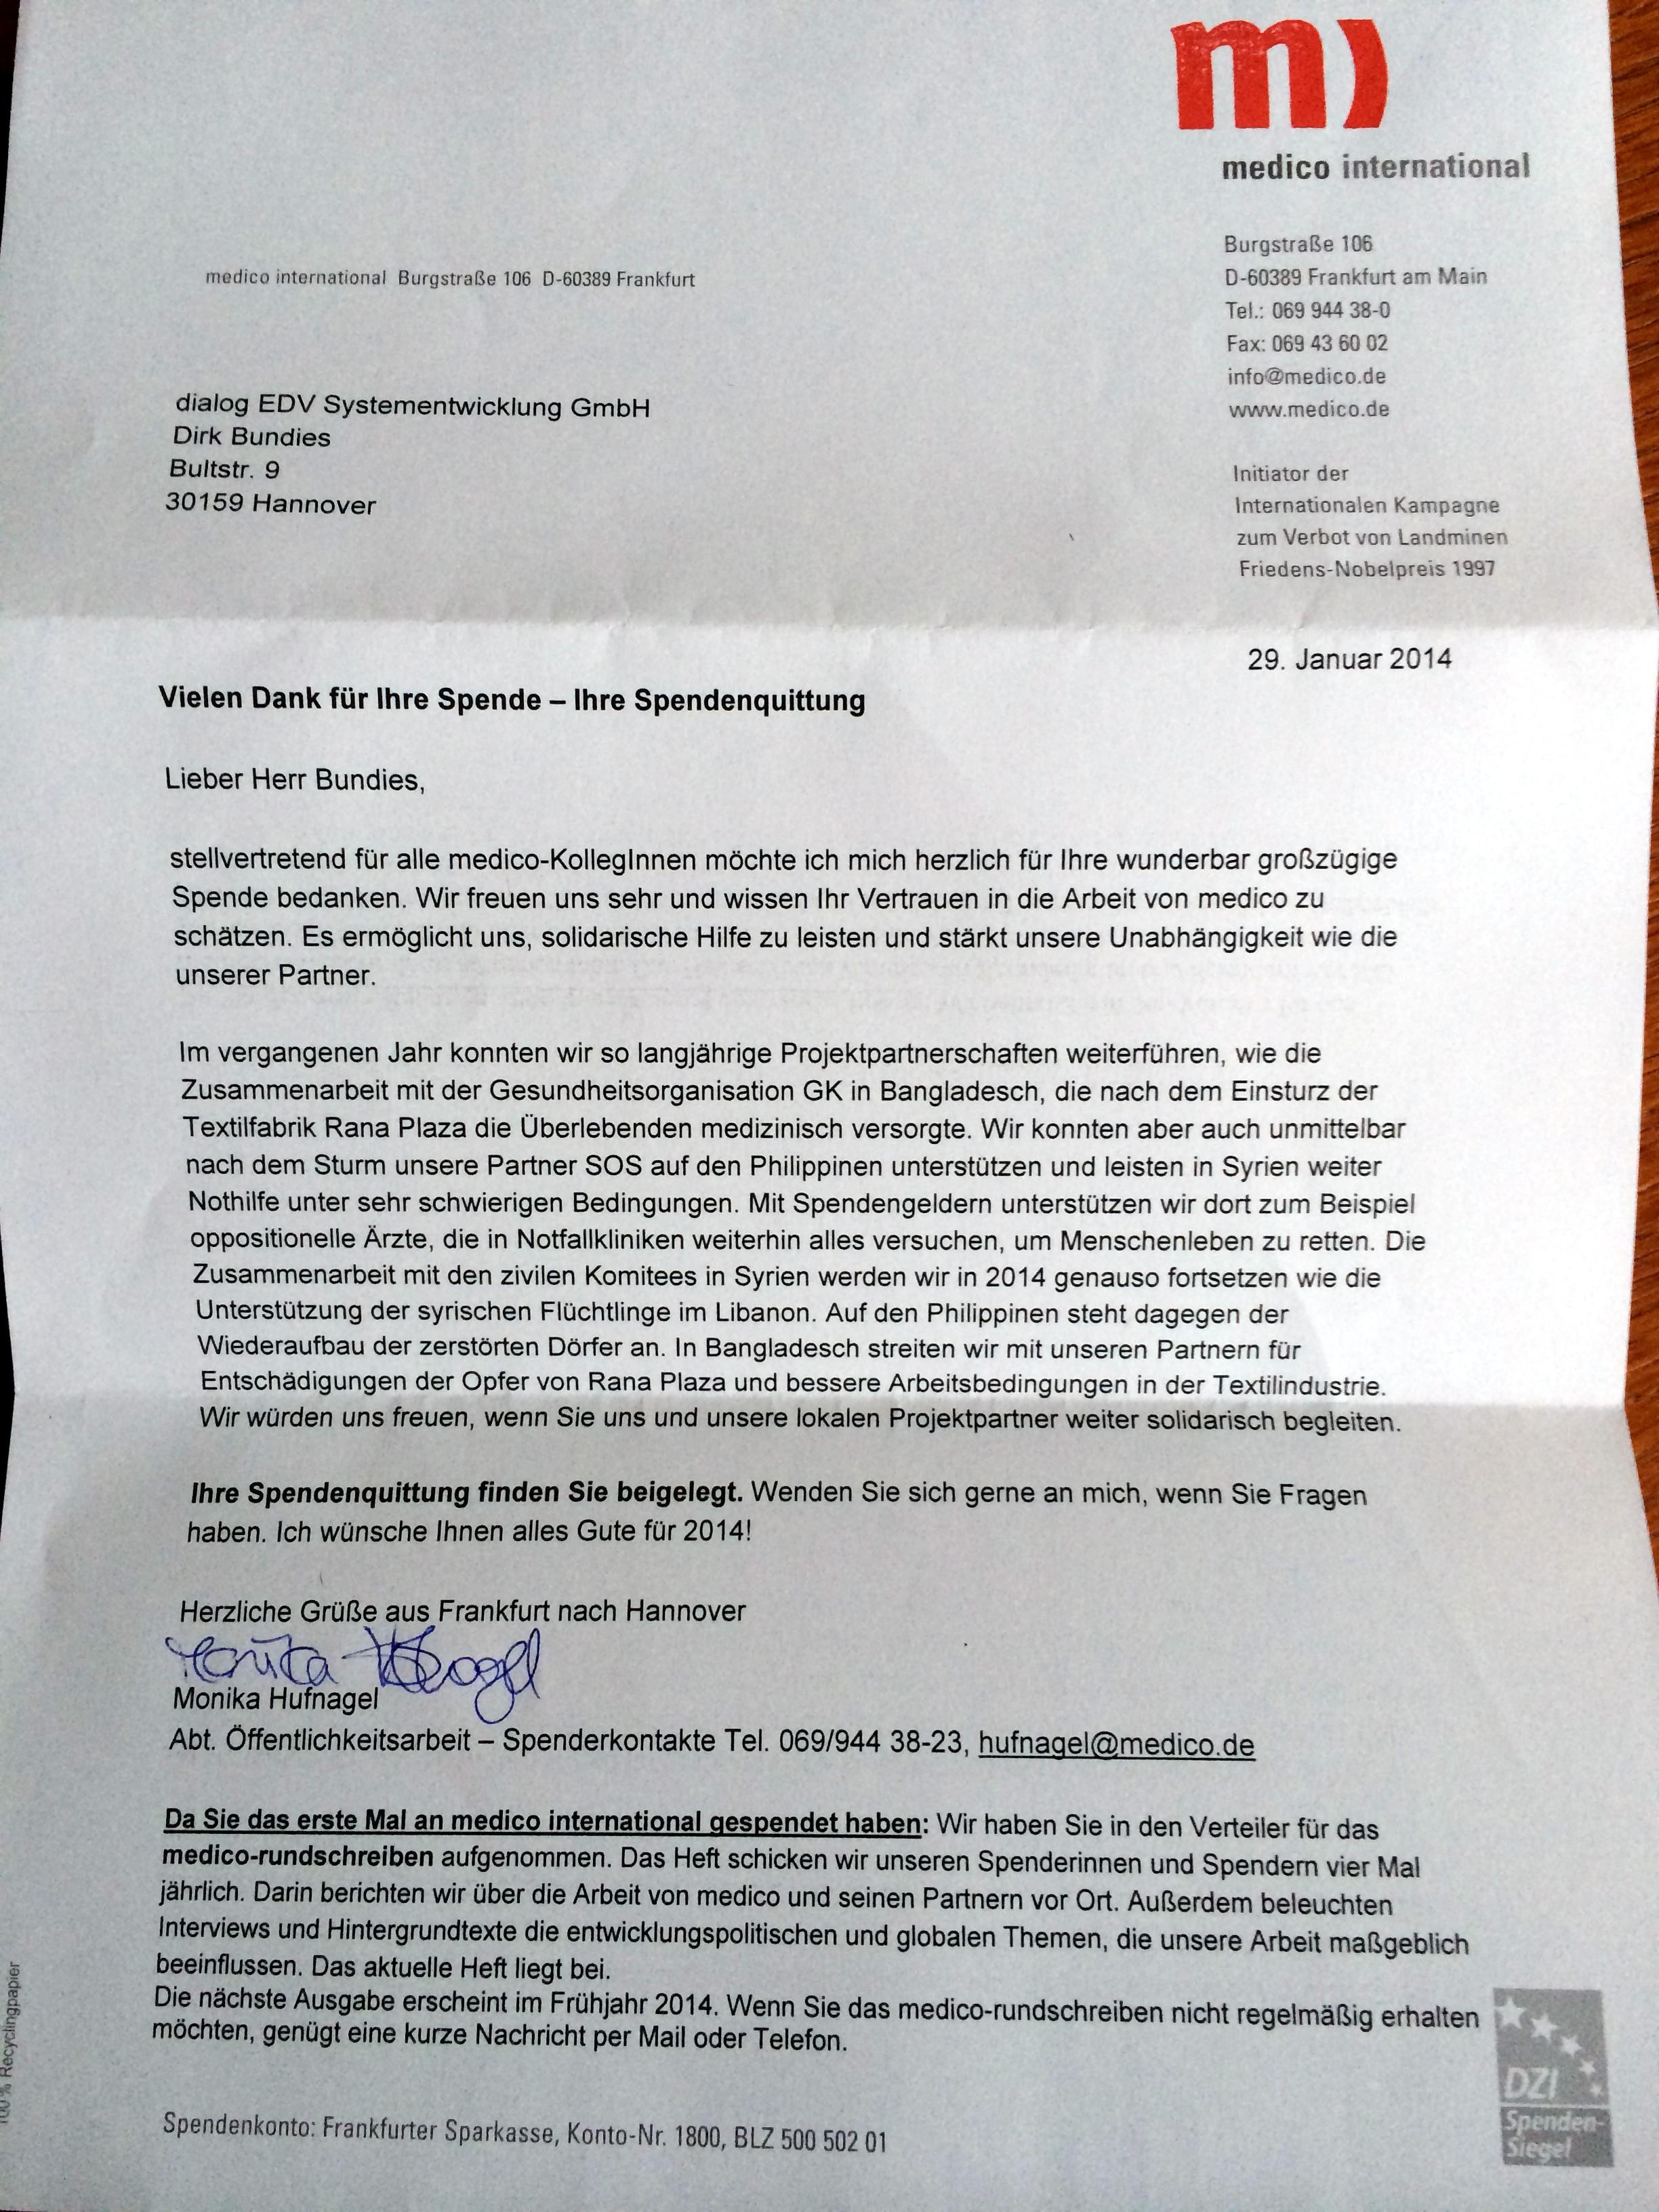 Schön Probe Spendenquittung Ideen - FORTSETZUNG ARBEITSBLATT ...